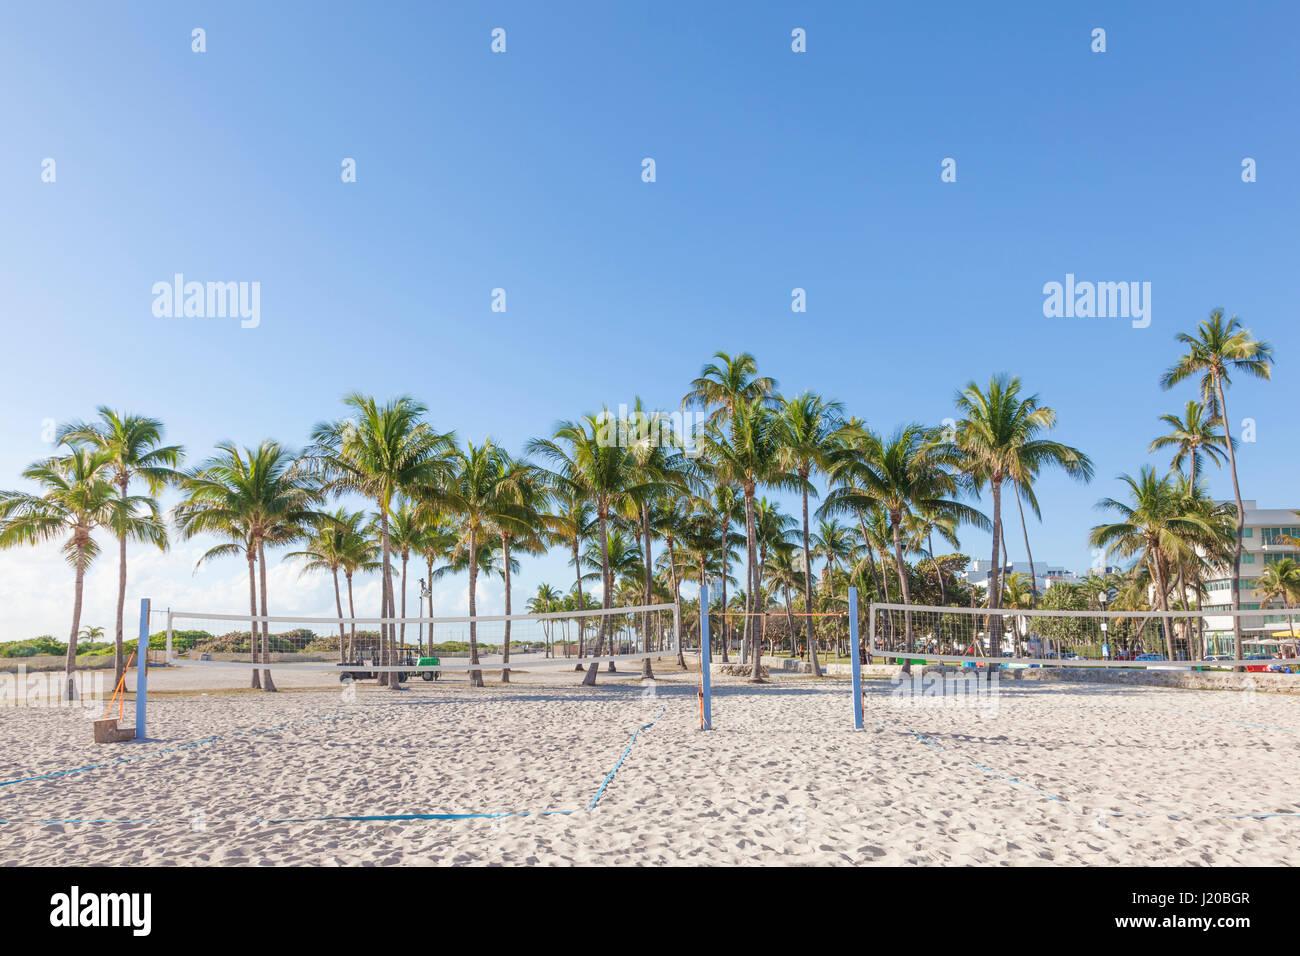 Campi da pallavolo e palme in Miami Beach. Florida, Stati Uniti Immagini Stock